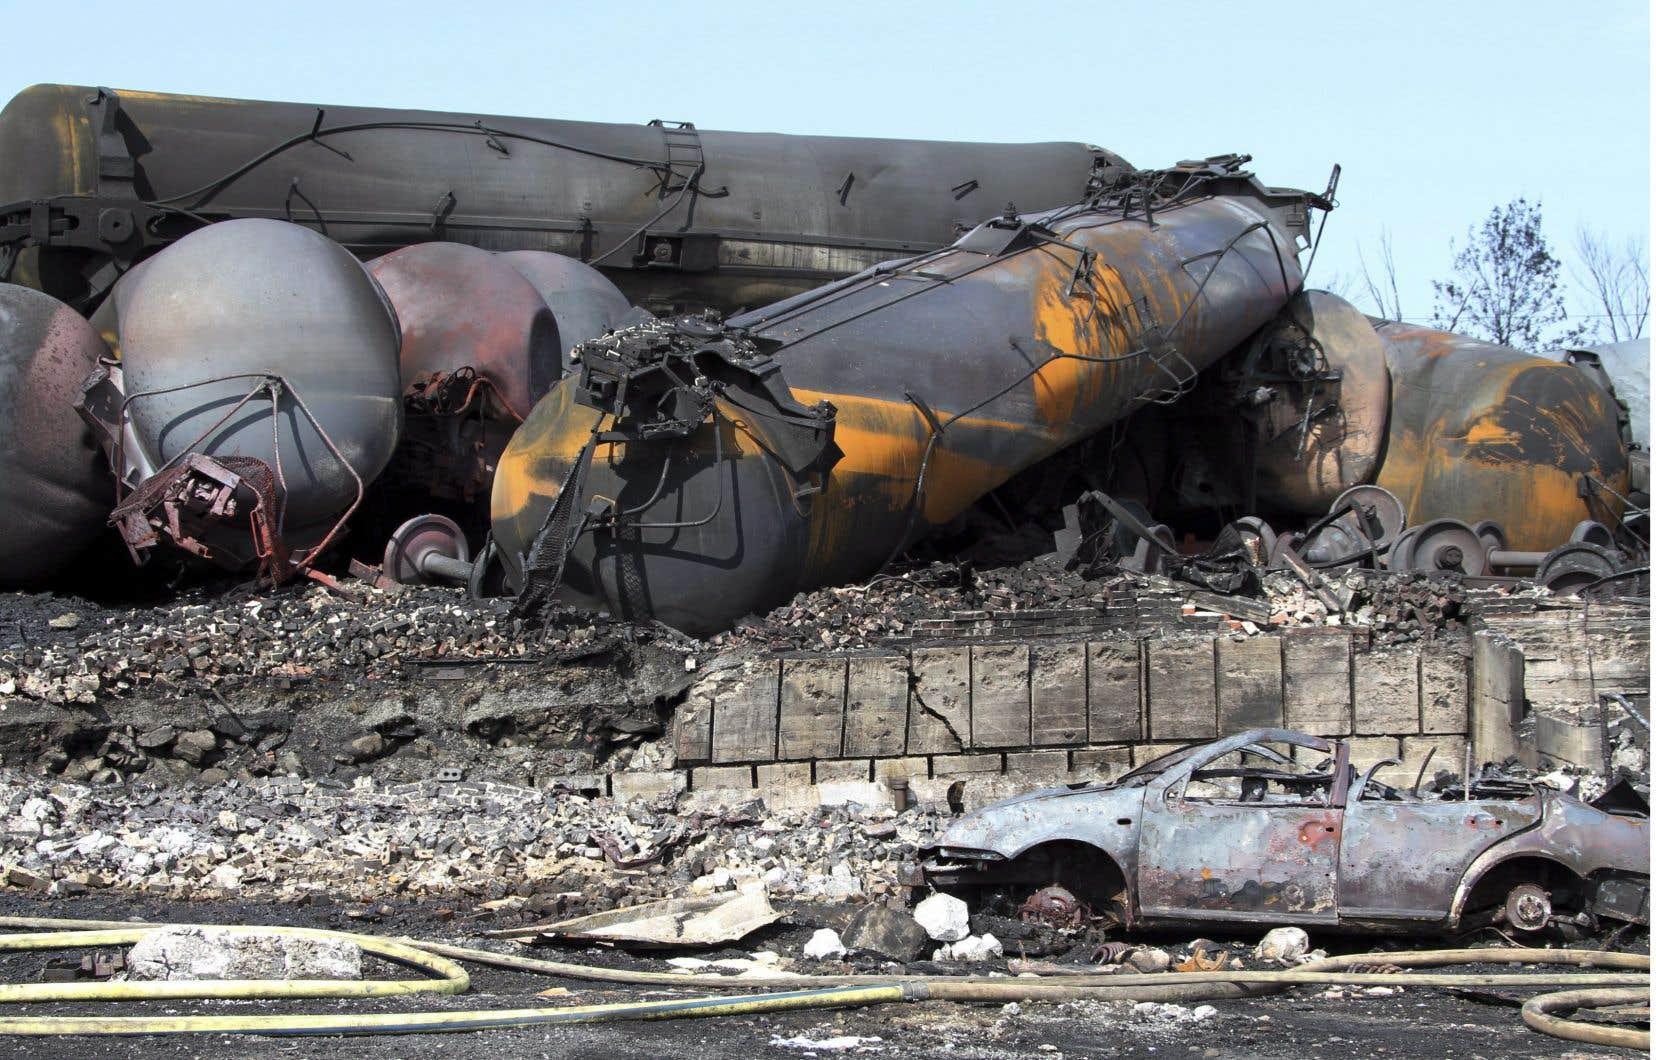 Le 6 juillet 2013, un convoi de 72 wagons de pétrole brut s'était mis en mouvement sans intervention humaine et avait dévalé la pente menant à Lac-Mégantic, explosant et rasant une partie du centre-ville.